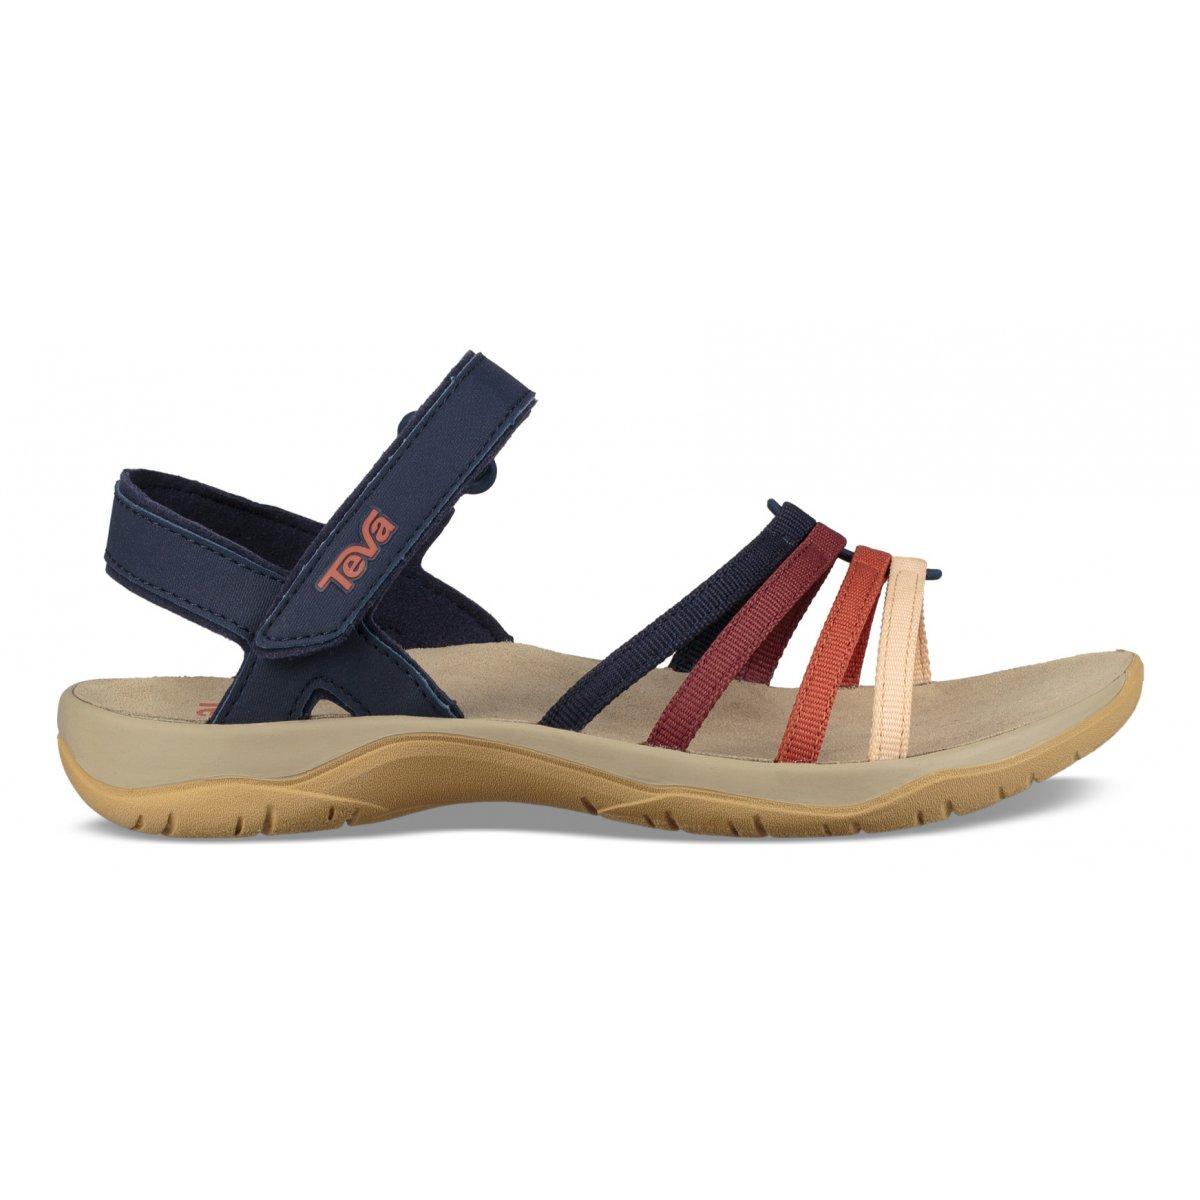 Elzada Collezioni Collezioni Elzada DonnaTeva® Sandalo DonnaTeva® W Elzada Sandalo Sandalo W BsrCxthdQ